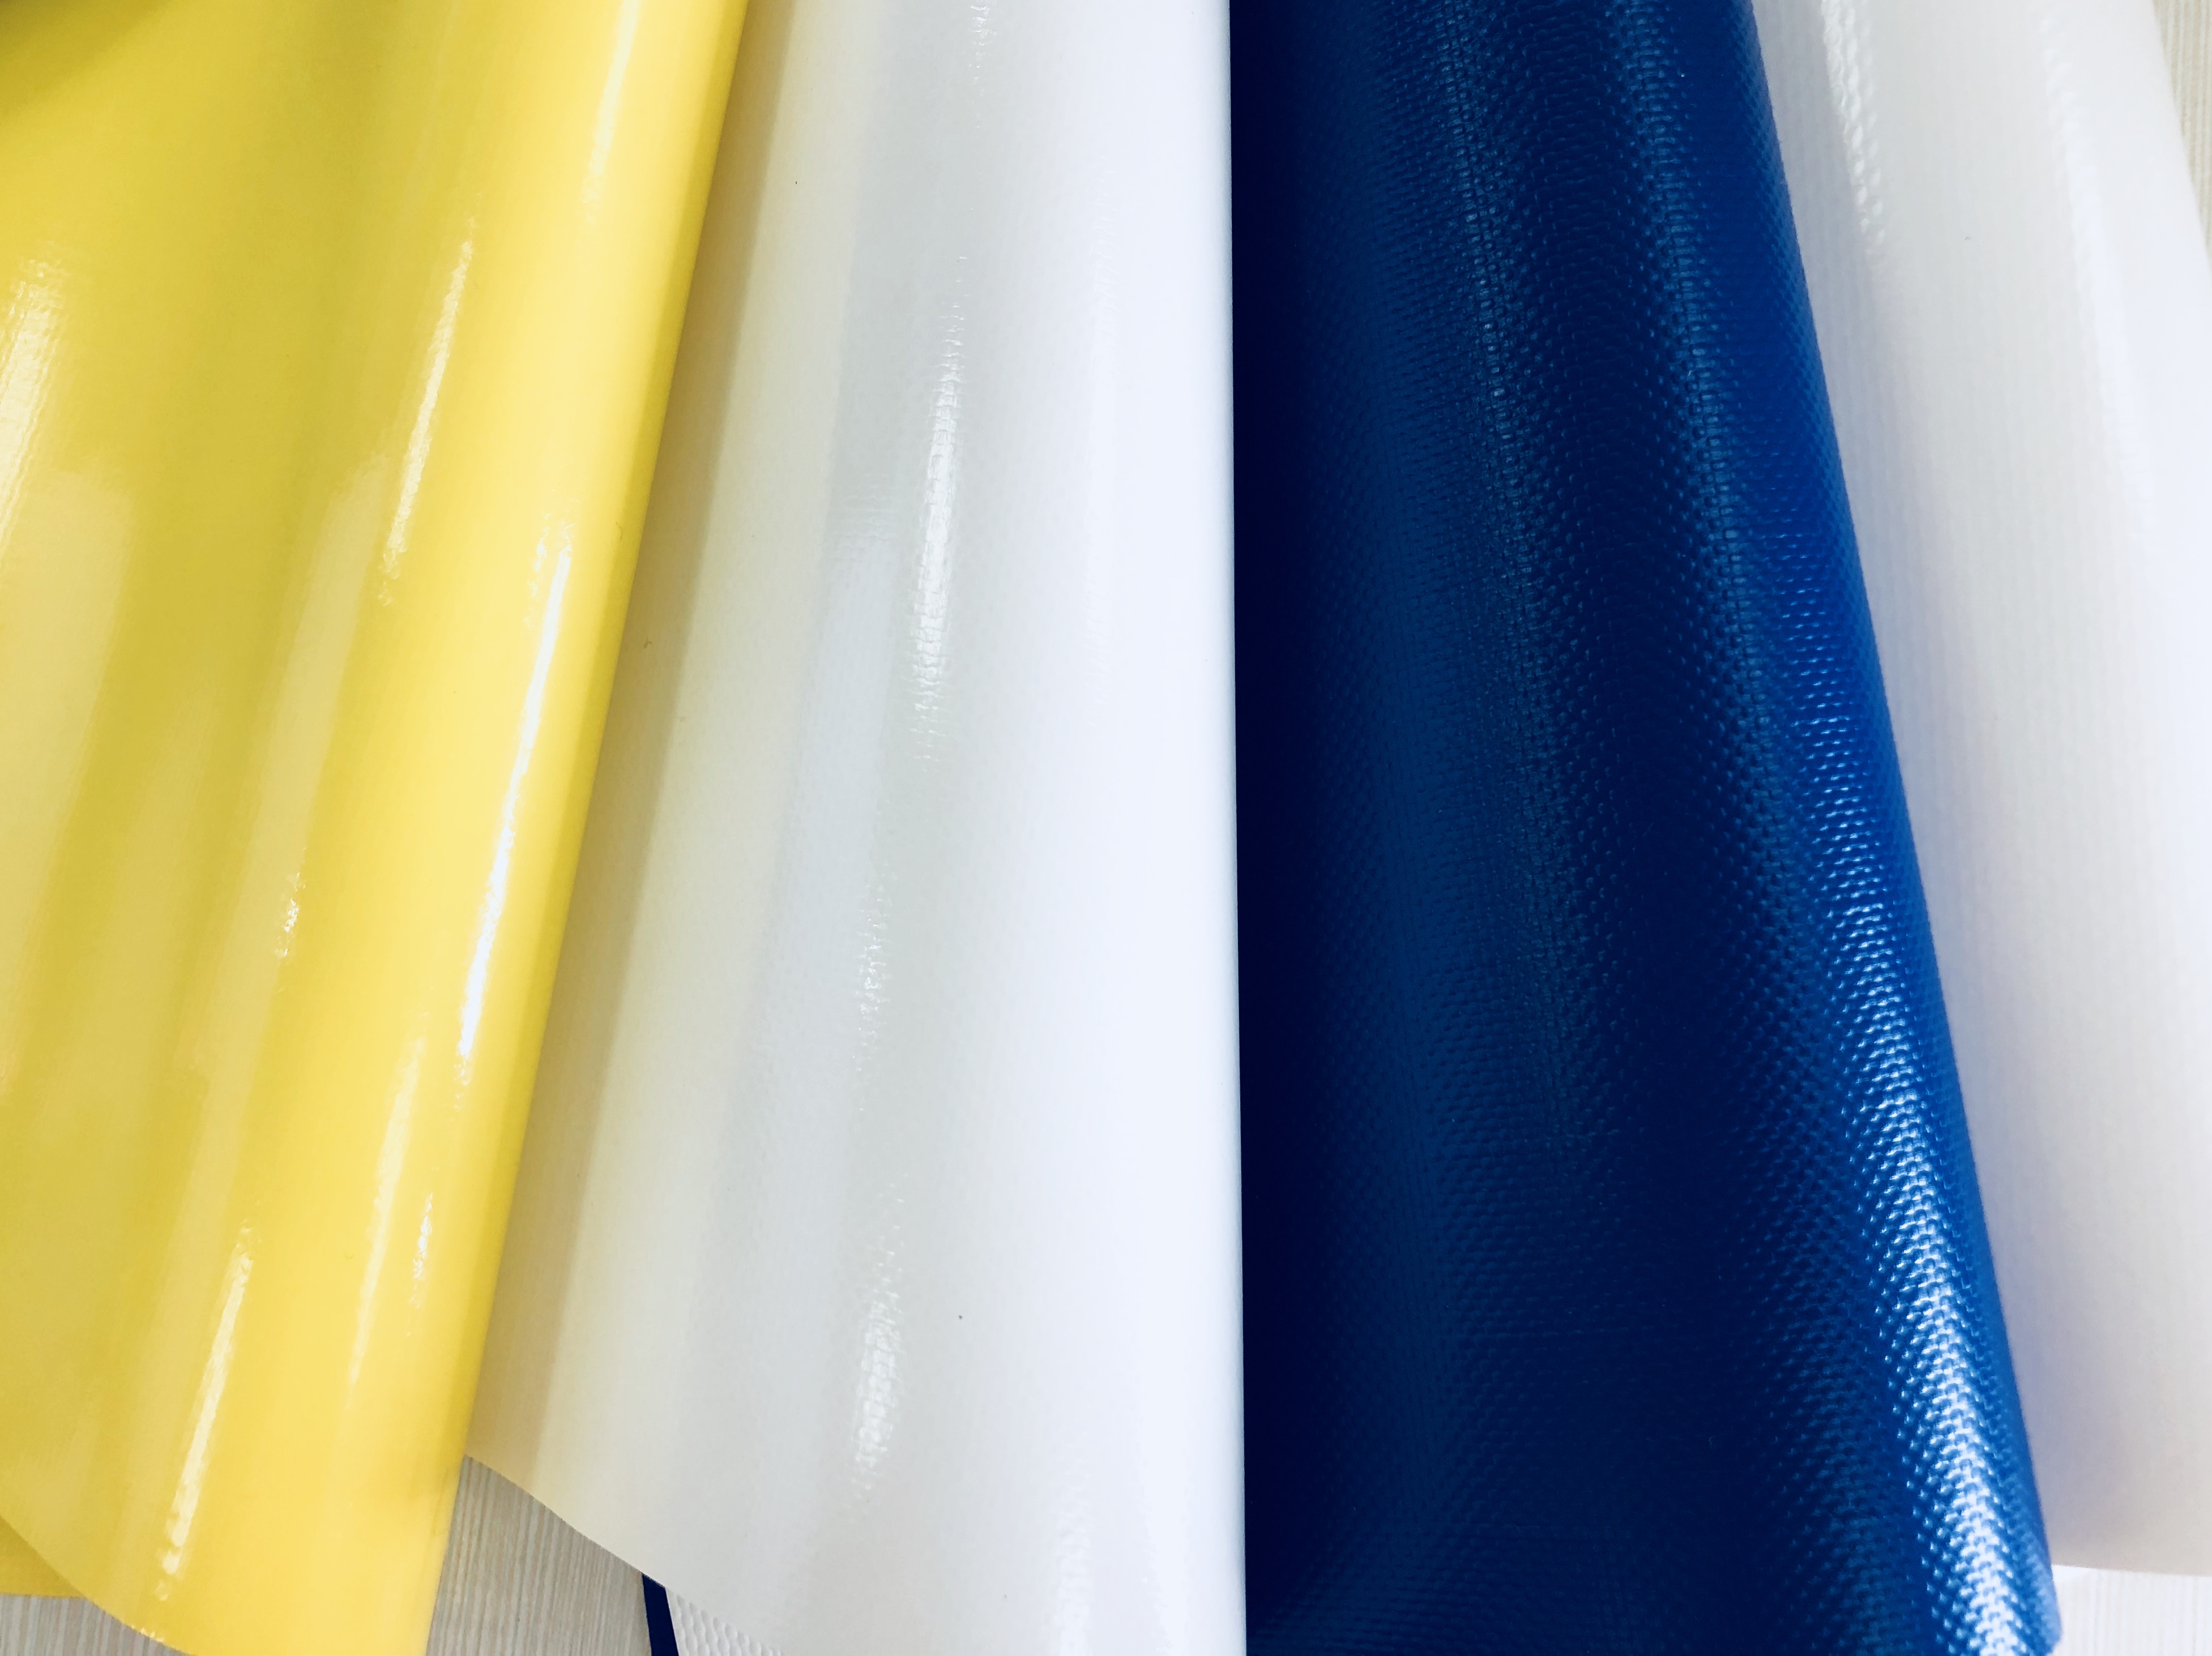 Водонепроницаемый противопожарные устойчивы к ультрафиолетовому излучению Цена по прейскуранту завода ПВХ покрытием брезент холст ткань для палатки тент укрытие